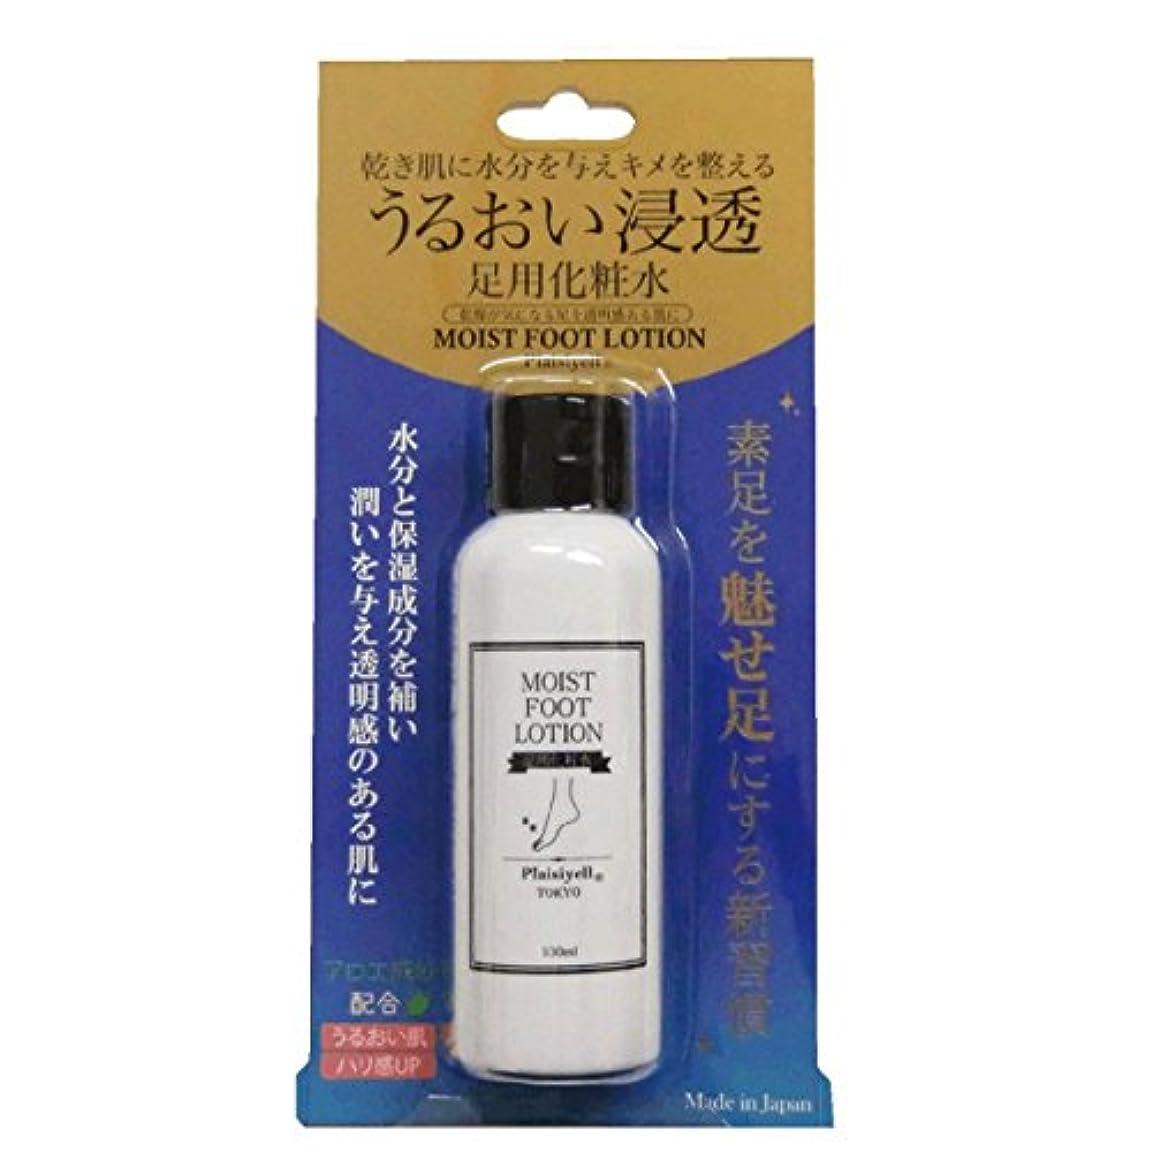 プレジエール【フットコスメ】化粧水